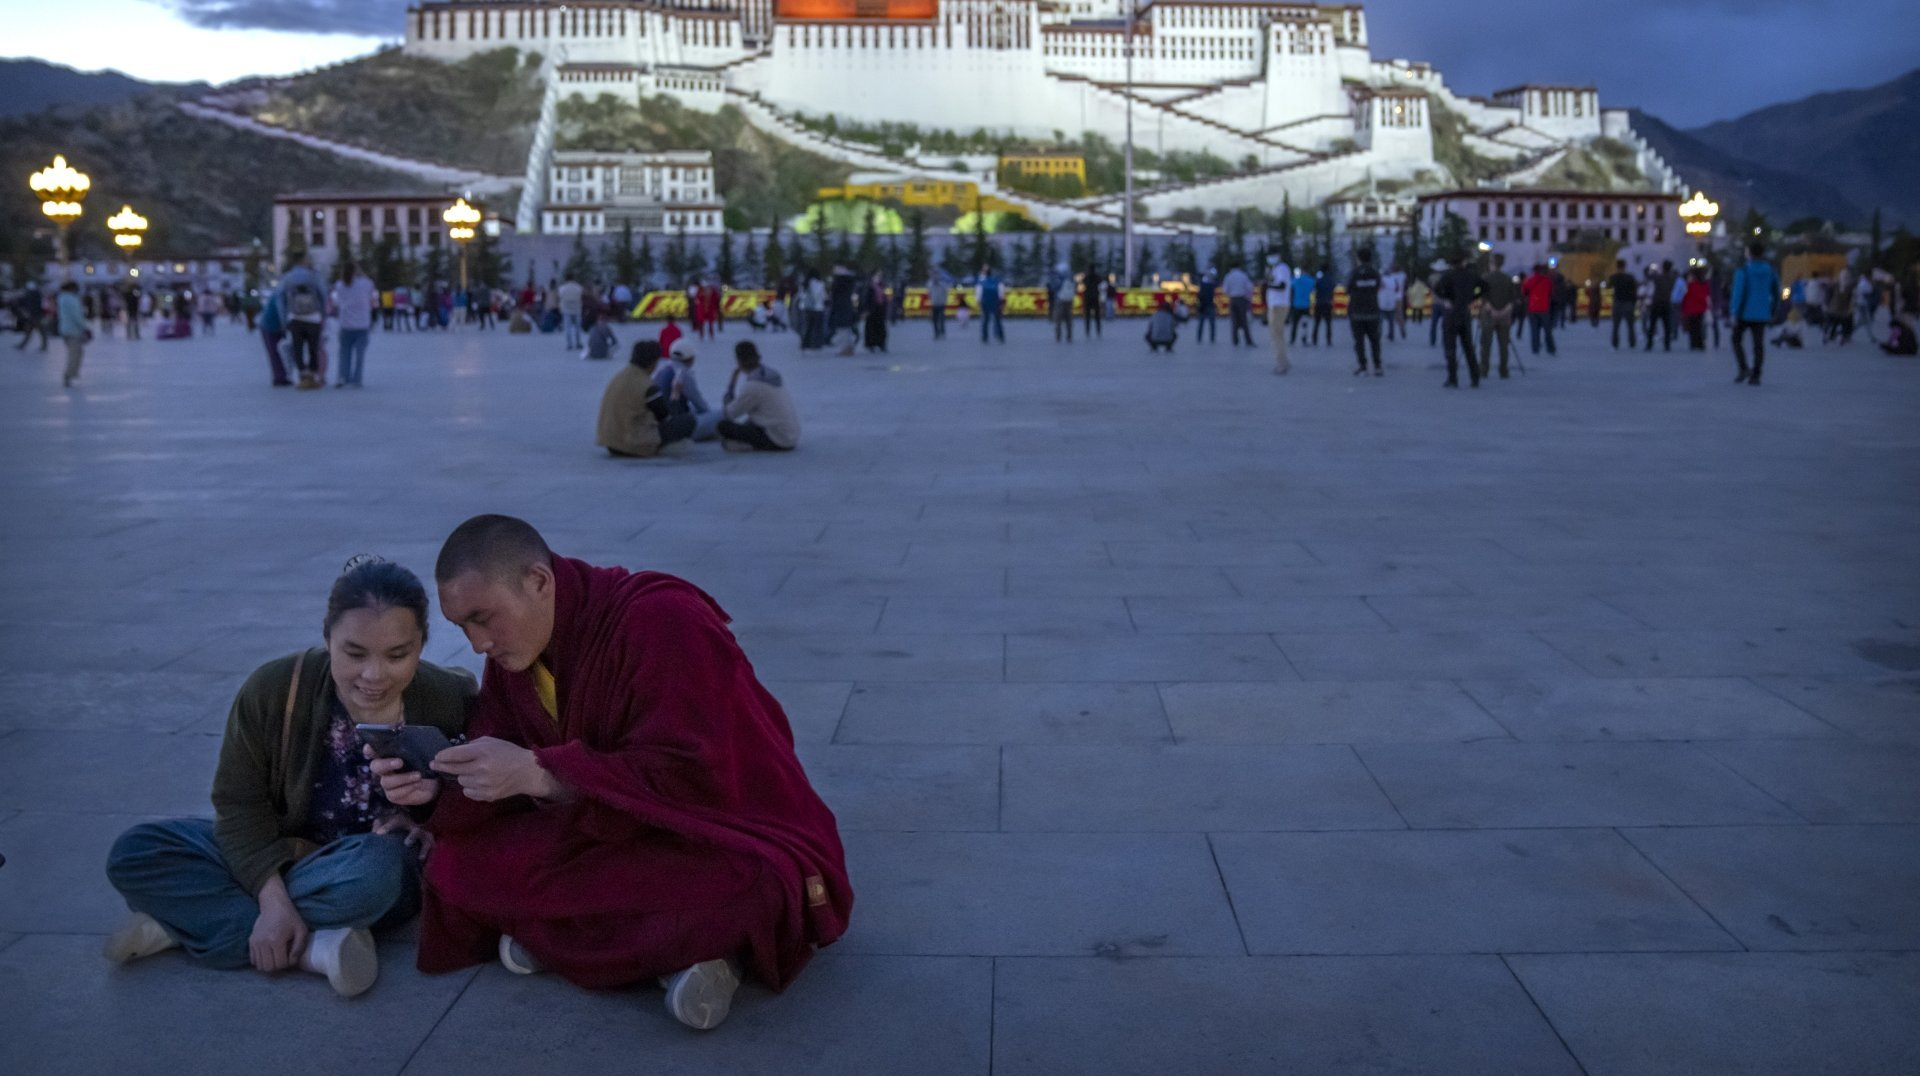 Répression chinoise au Tibet: «C'est la disparition d'une société qui se joue», témoigne une Fribourgeoise